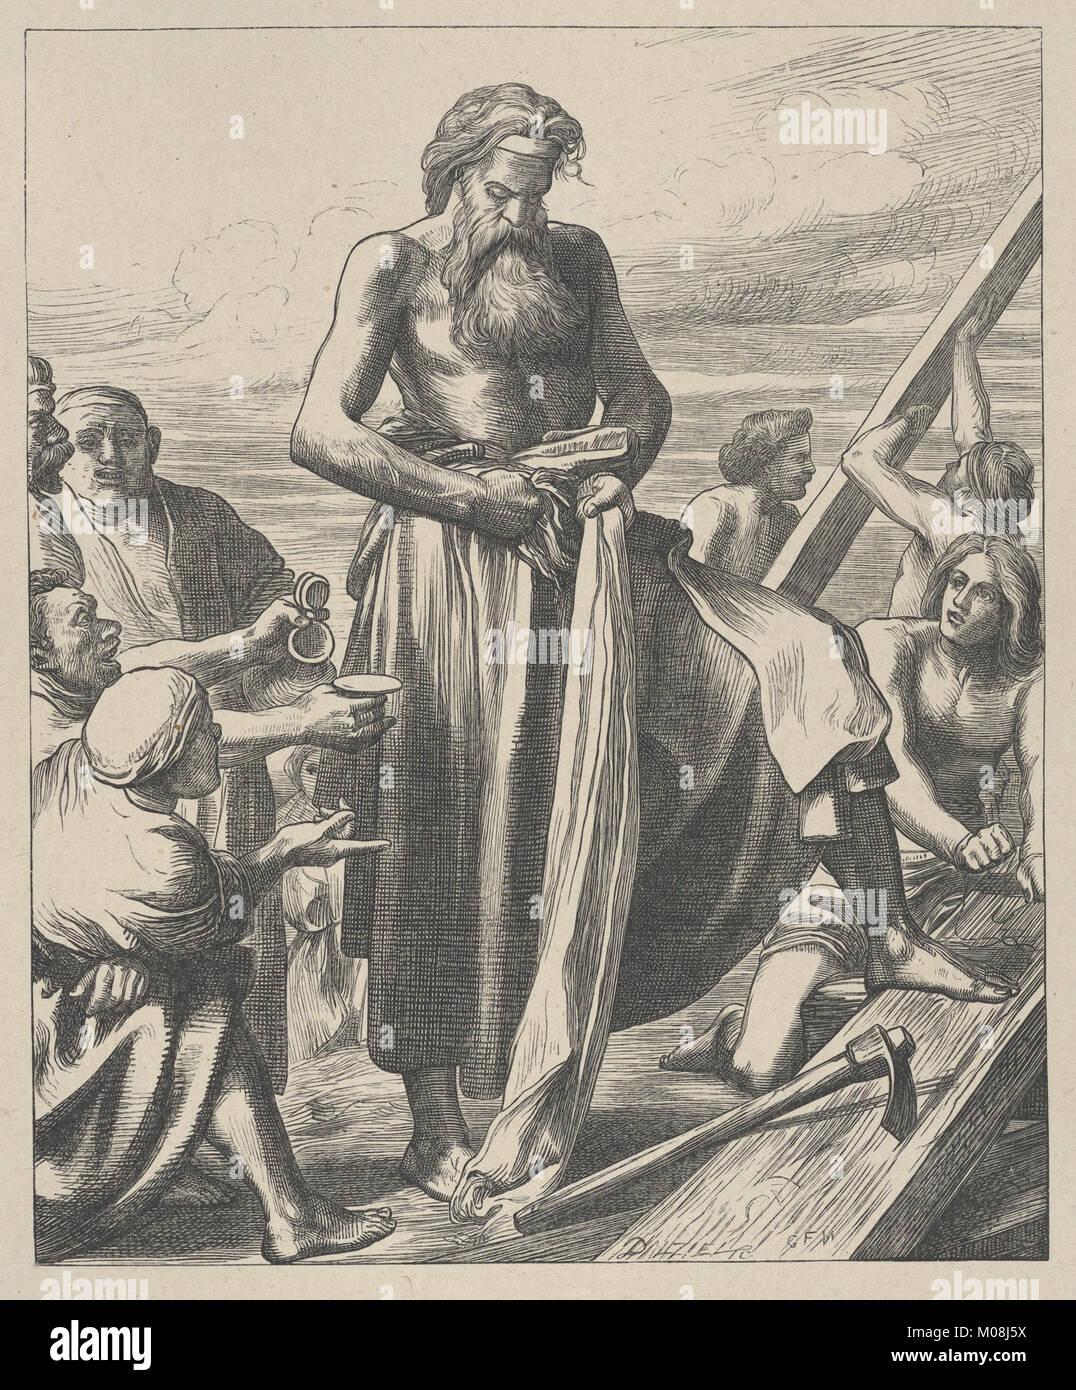 Noah Building the Ark (Dalziels' Bible Gallery) MET DP835634 - Stock Image